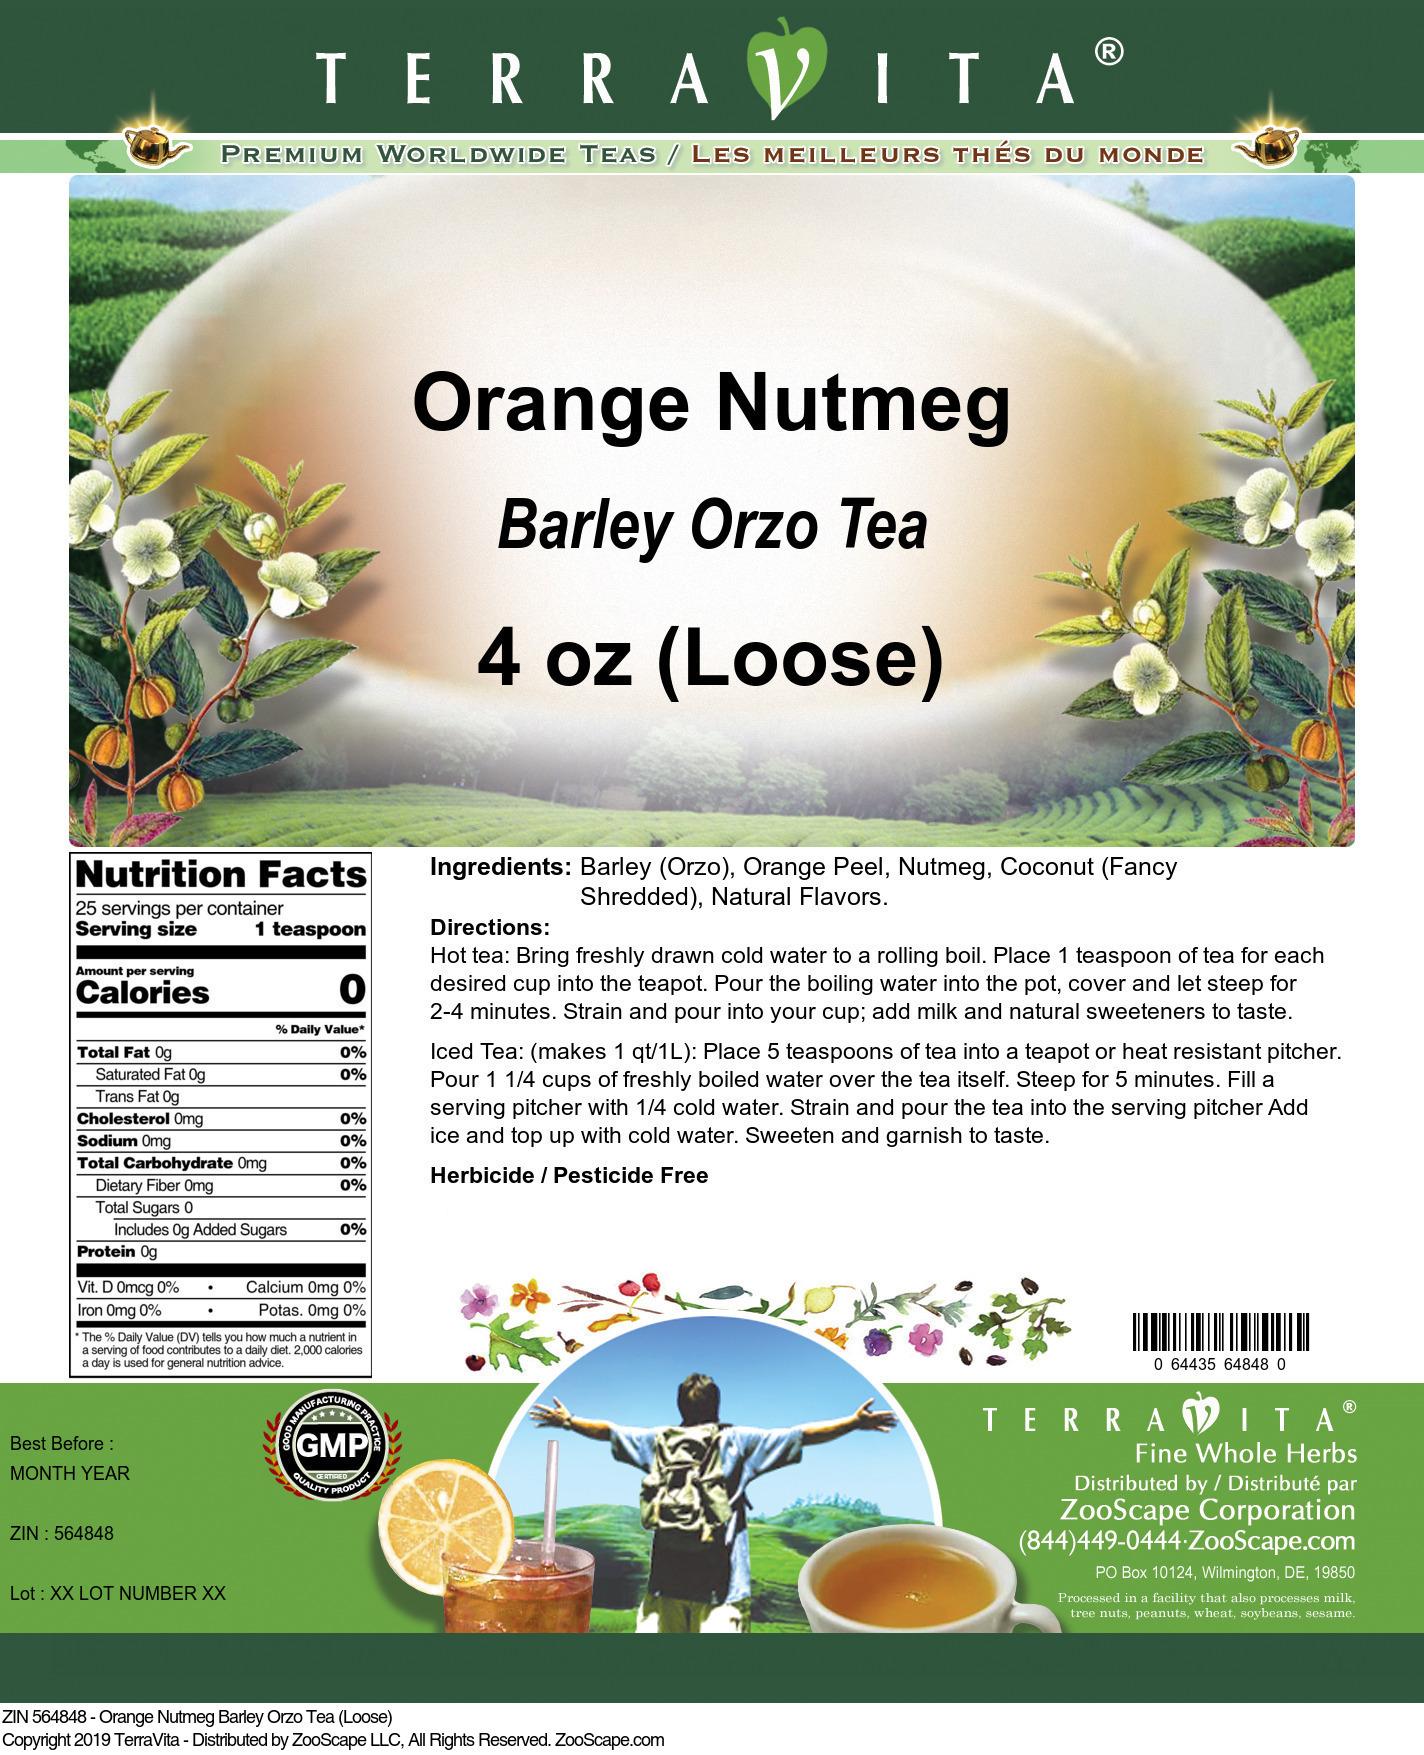 Orange Nutmeg Barley Orzo